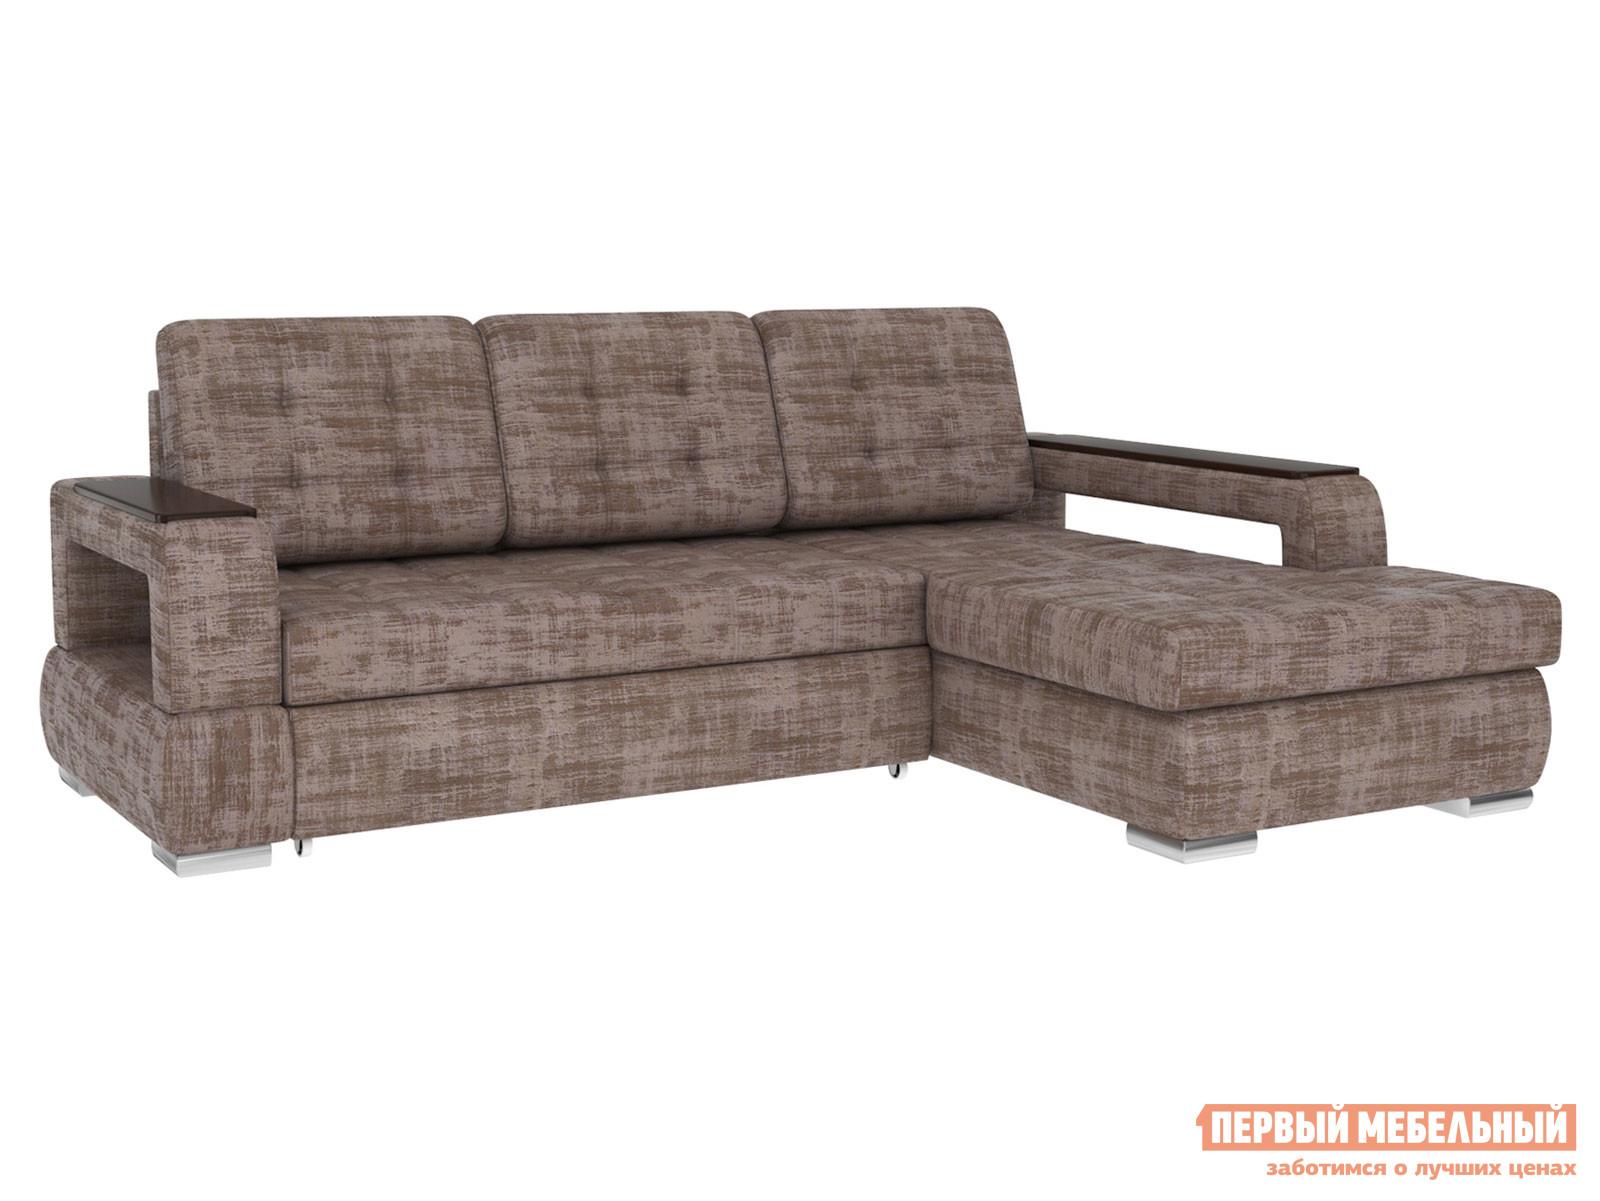 Угловой диван Первый Мебельный Виктория Люкс Угловой